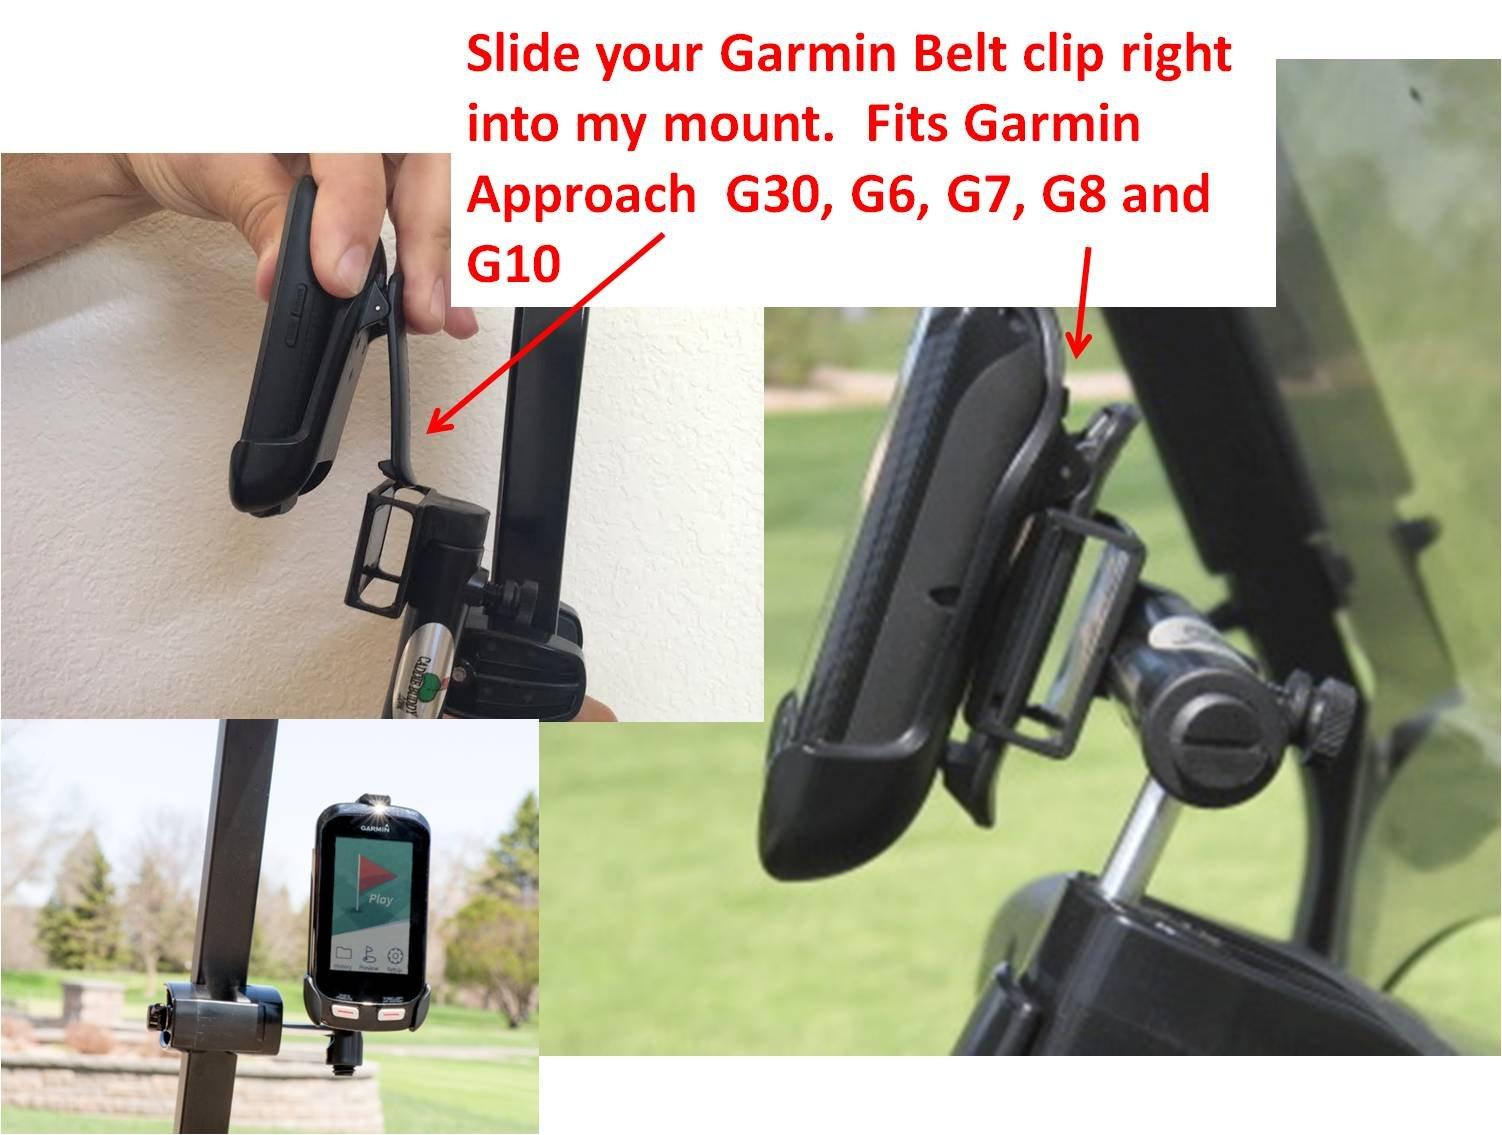 Golf Cart Mount for Garmin G6 G7 G8 G30 and G10